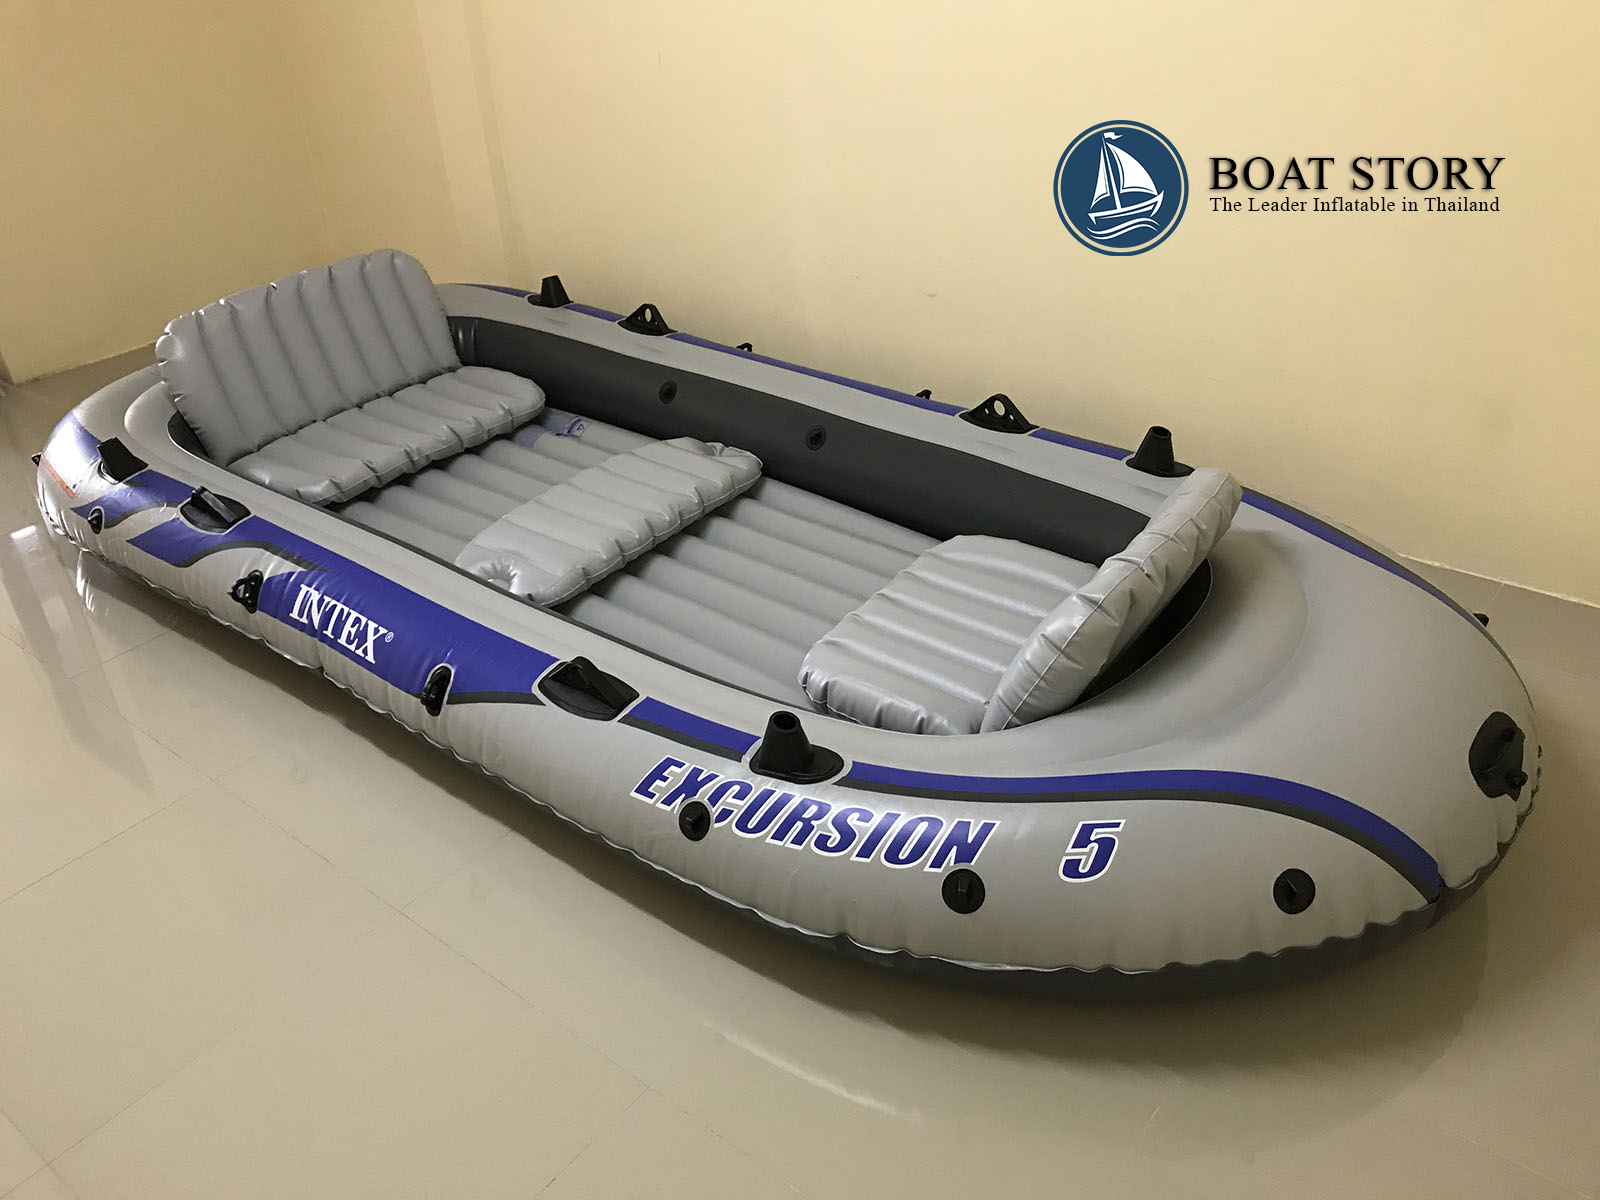 เรือยาง Excursion 5